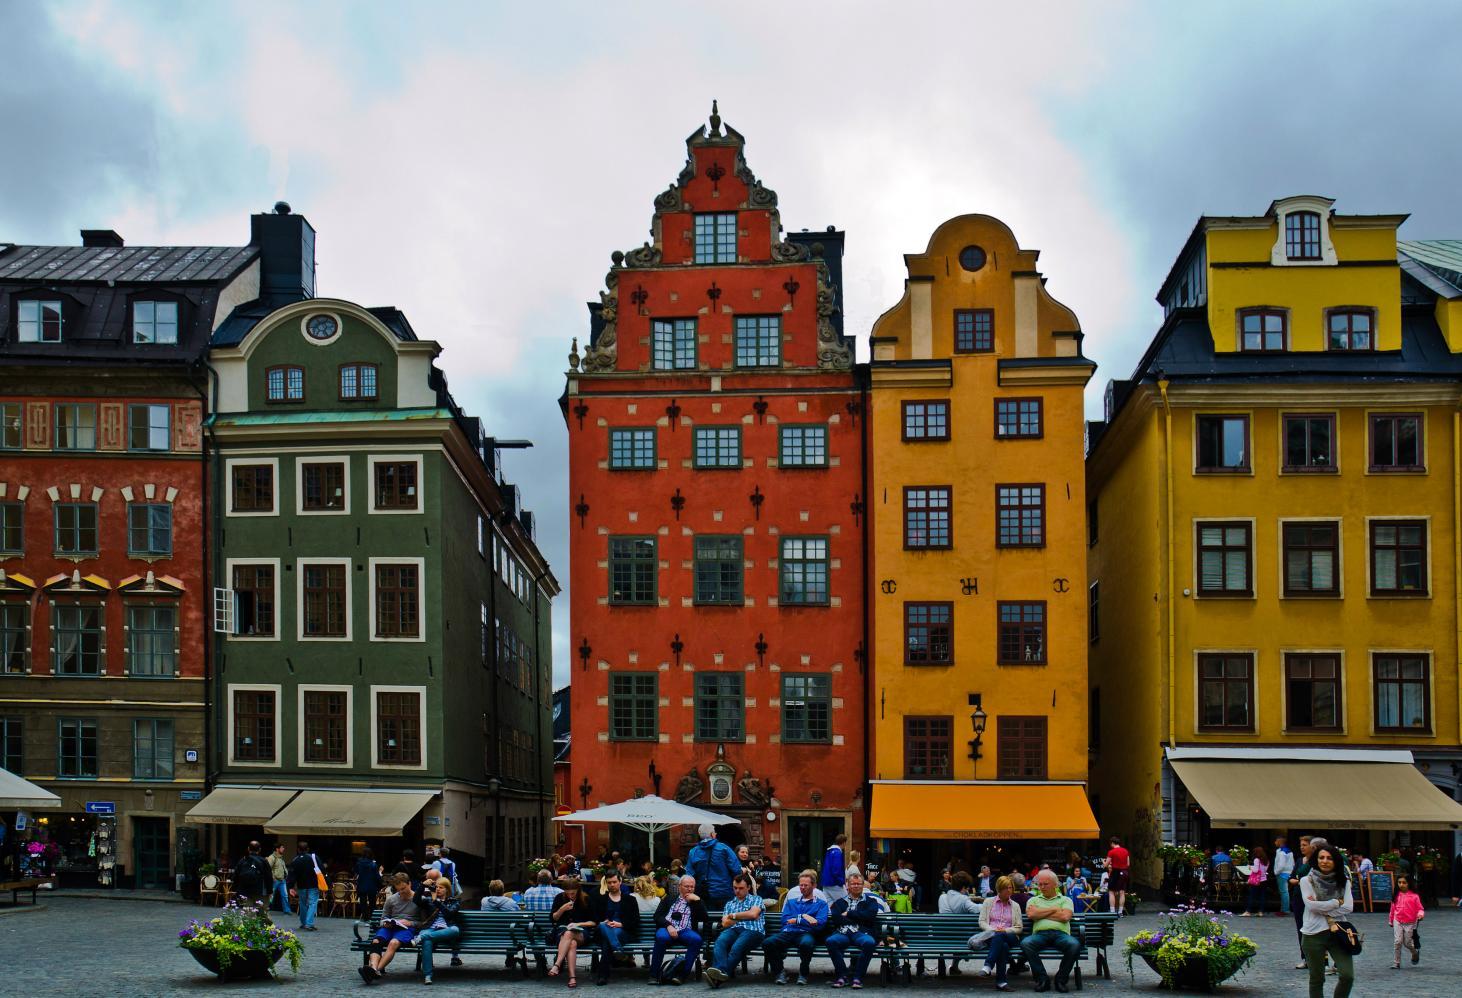 Площадь Стурторьет, Стокгольм (Швеция)